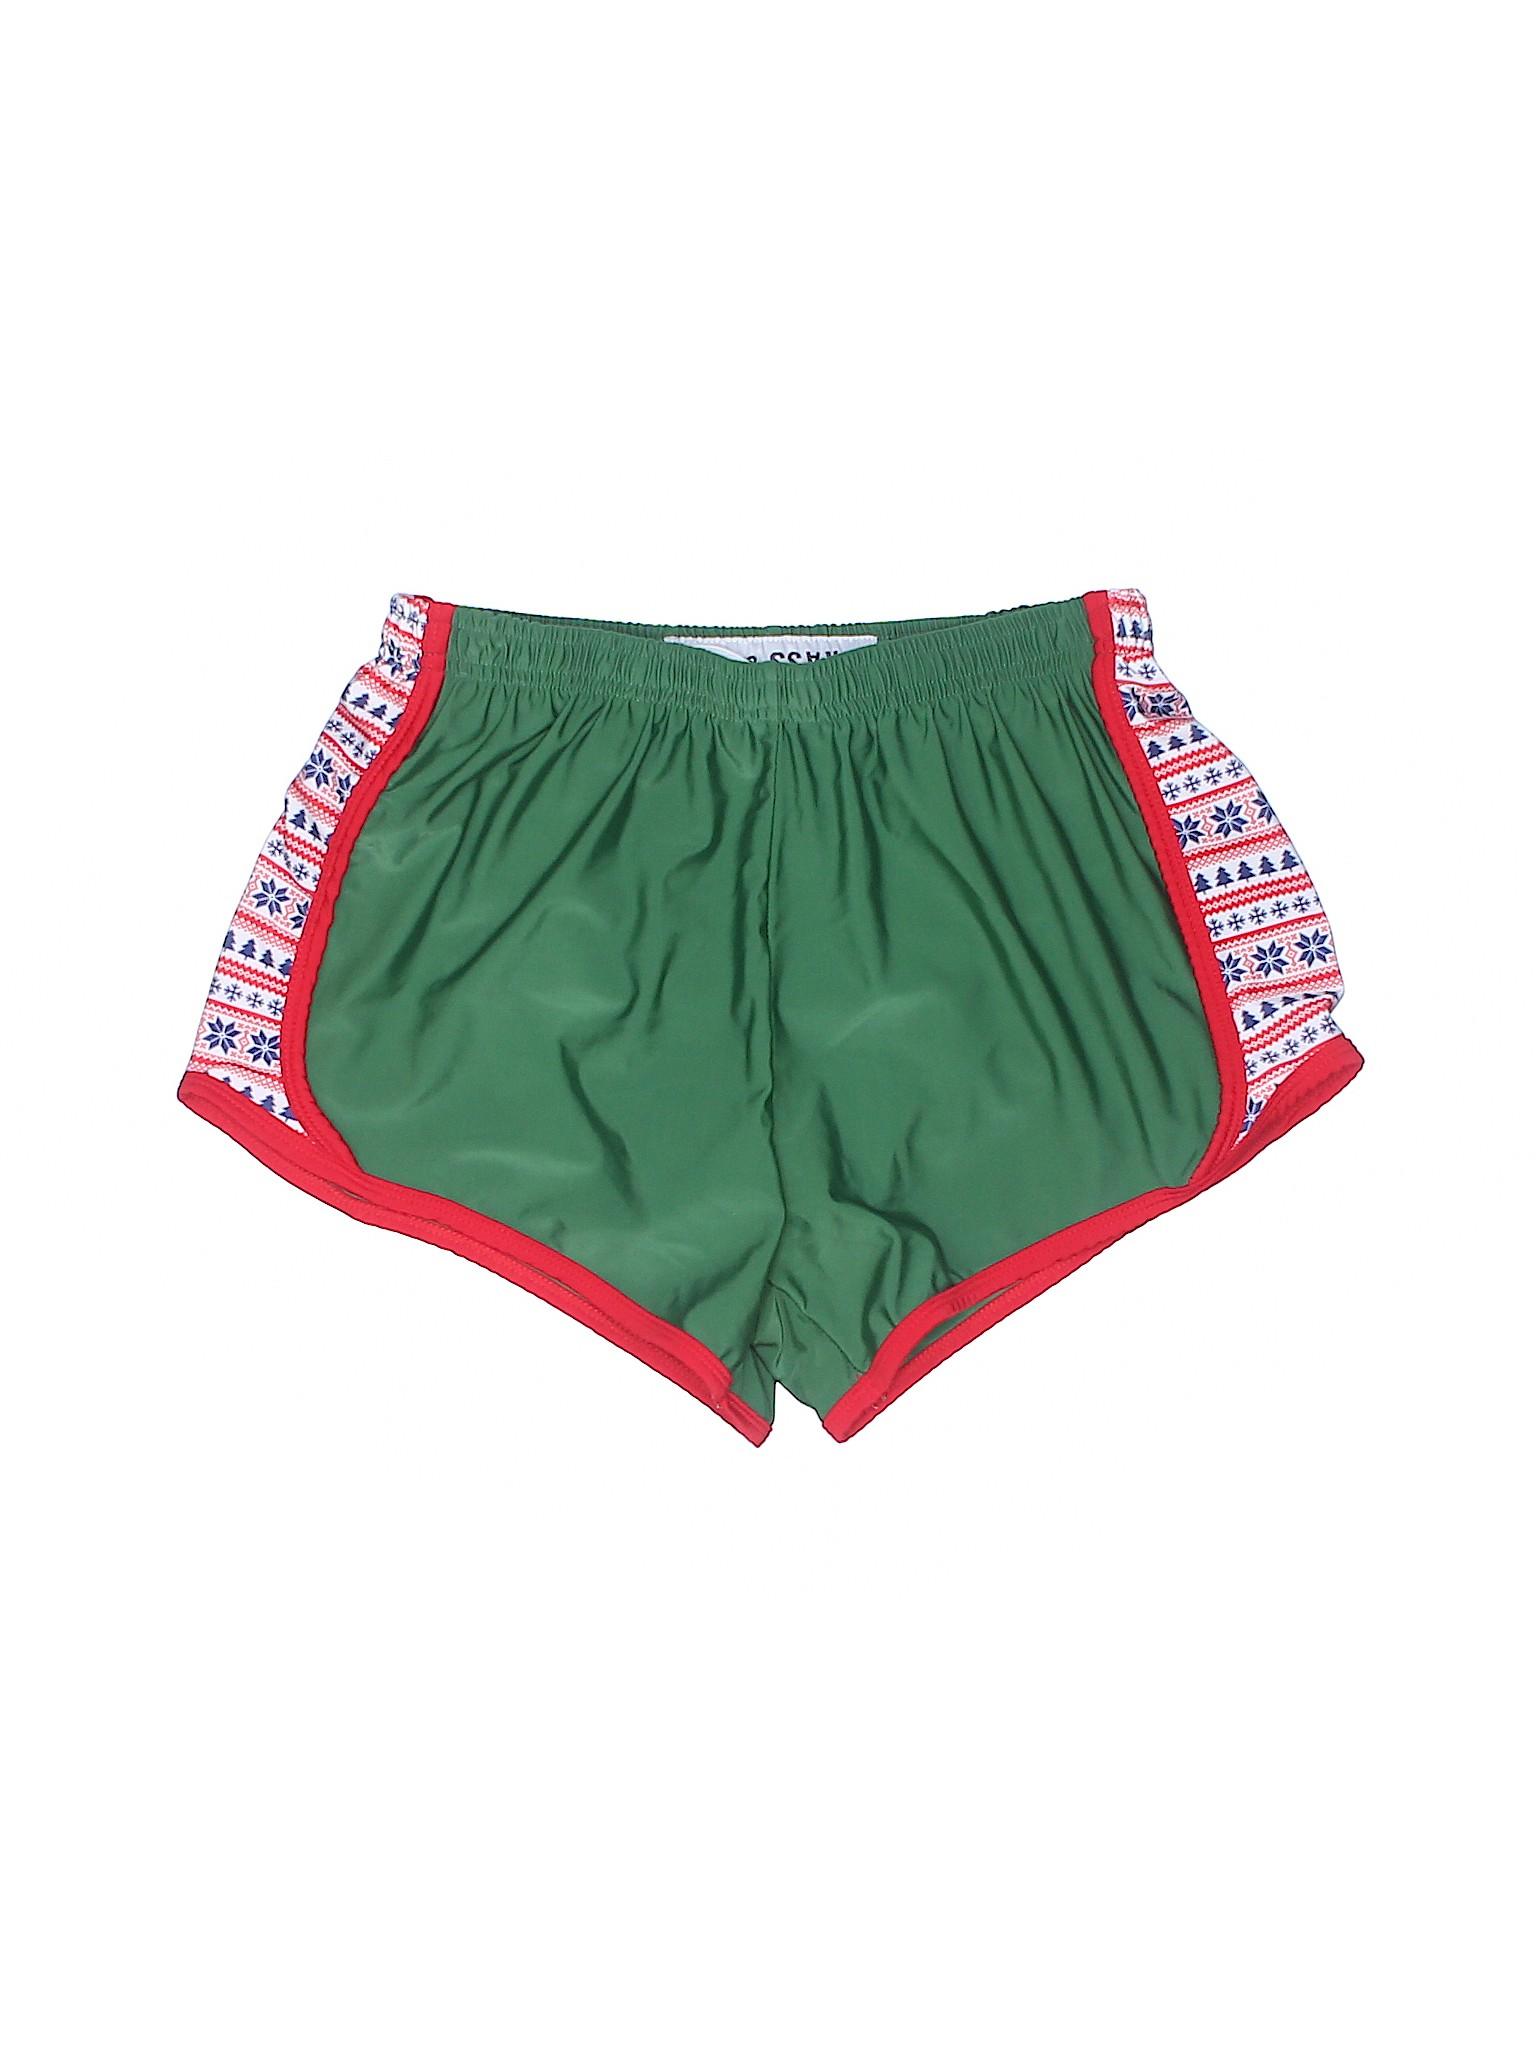 Shorts Athletic Krass leisure Co amp; Boutique fqgXwRc